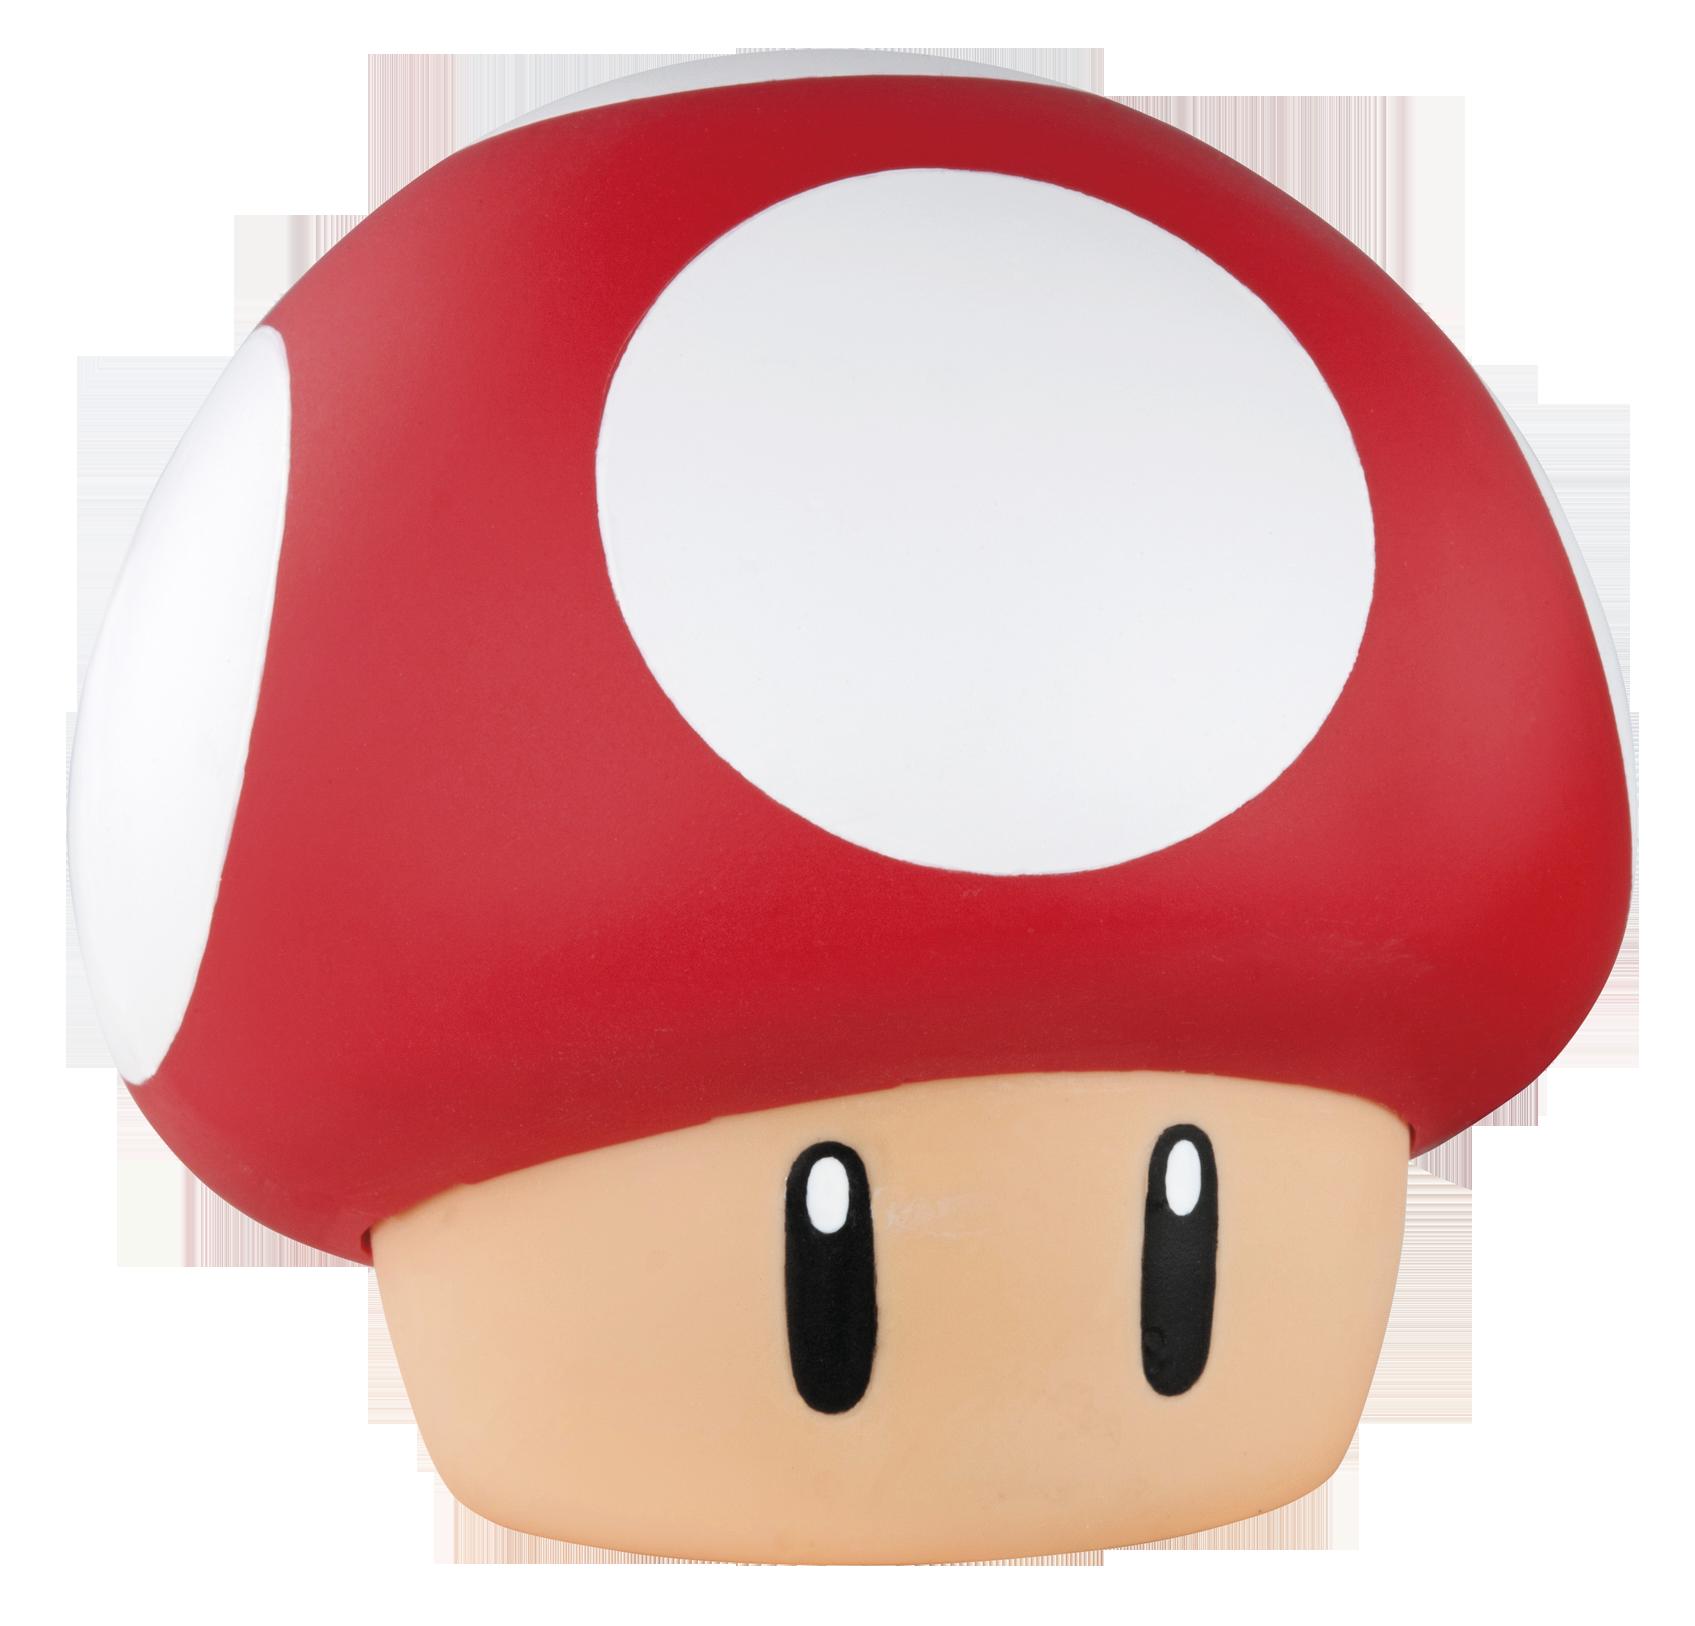 Mushroom_Head-nofx